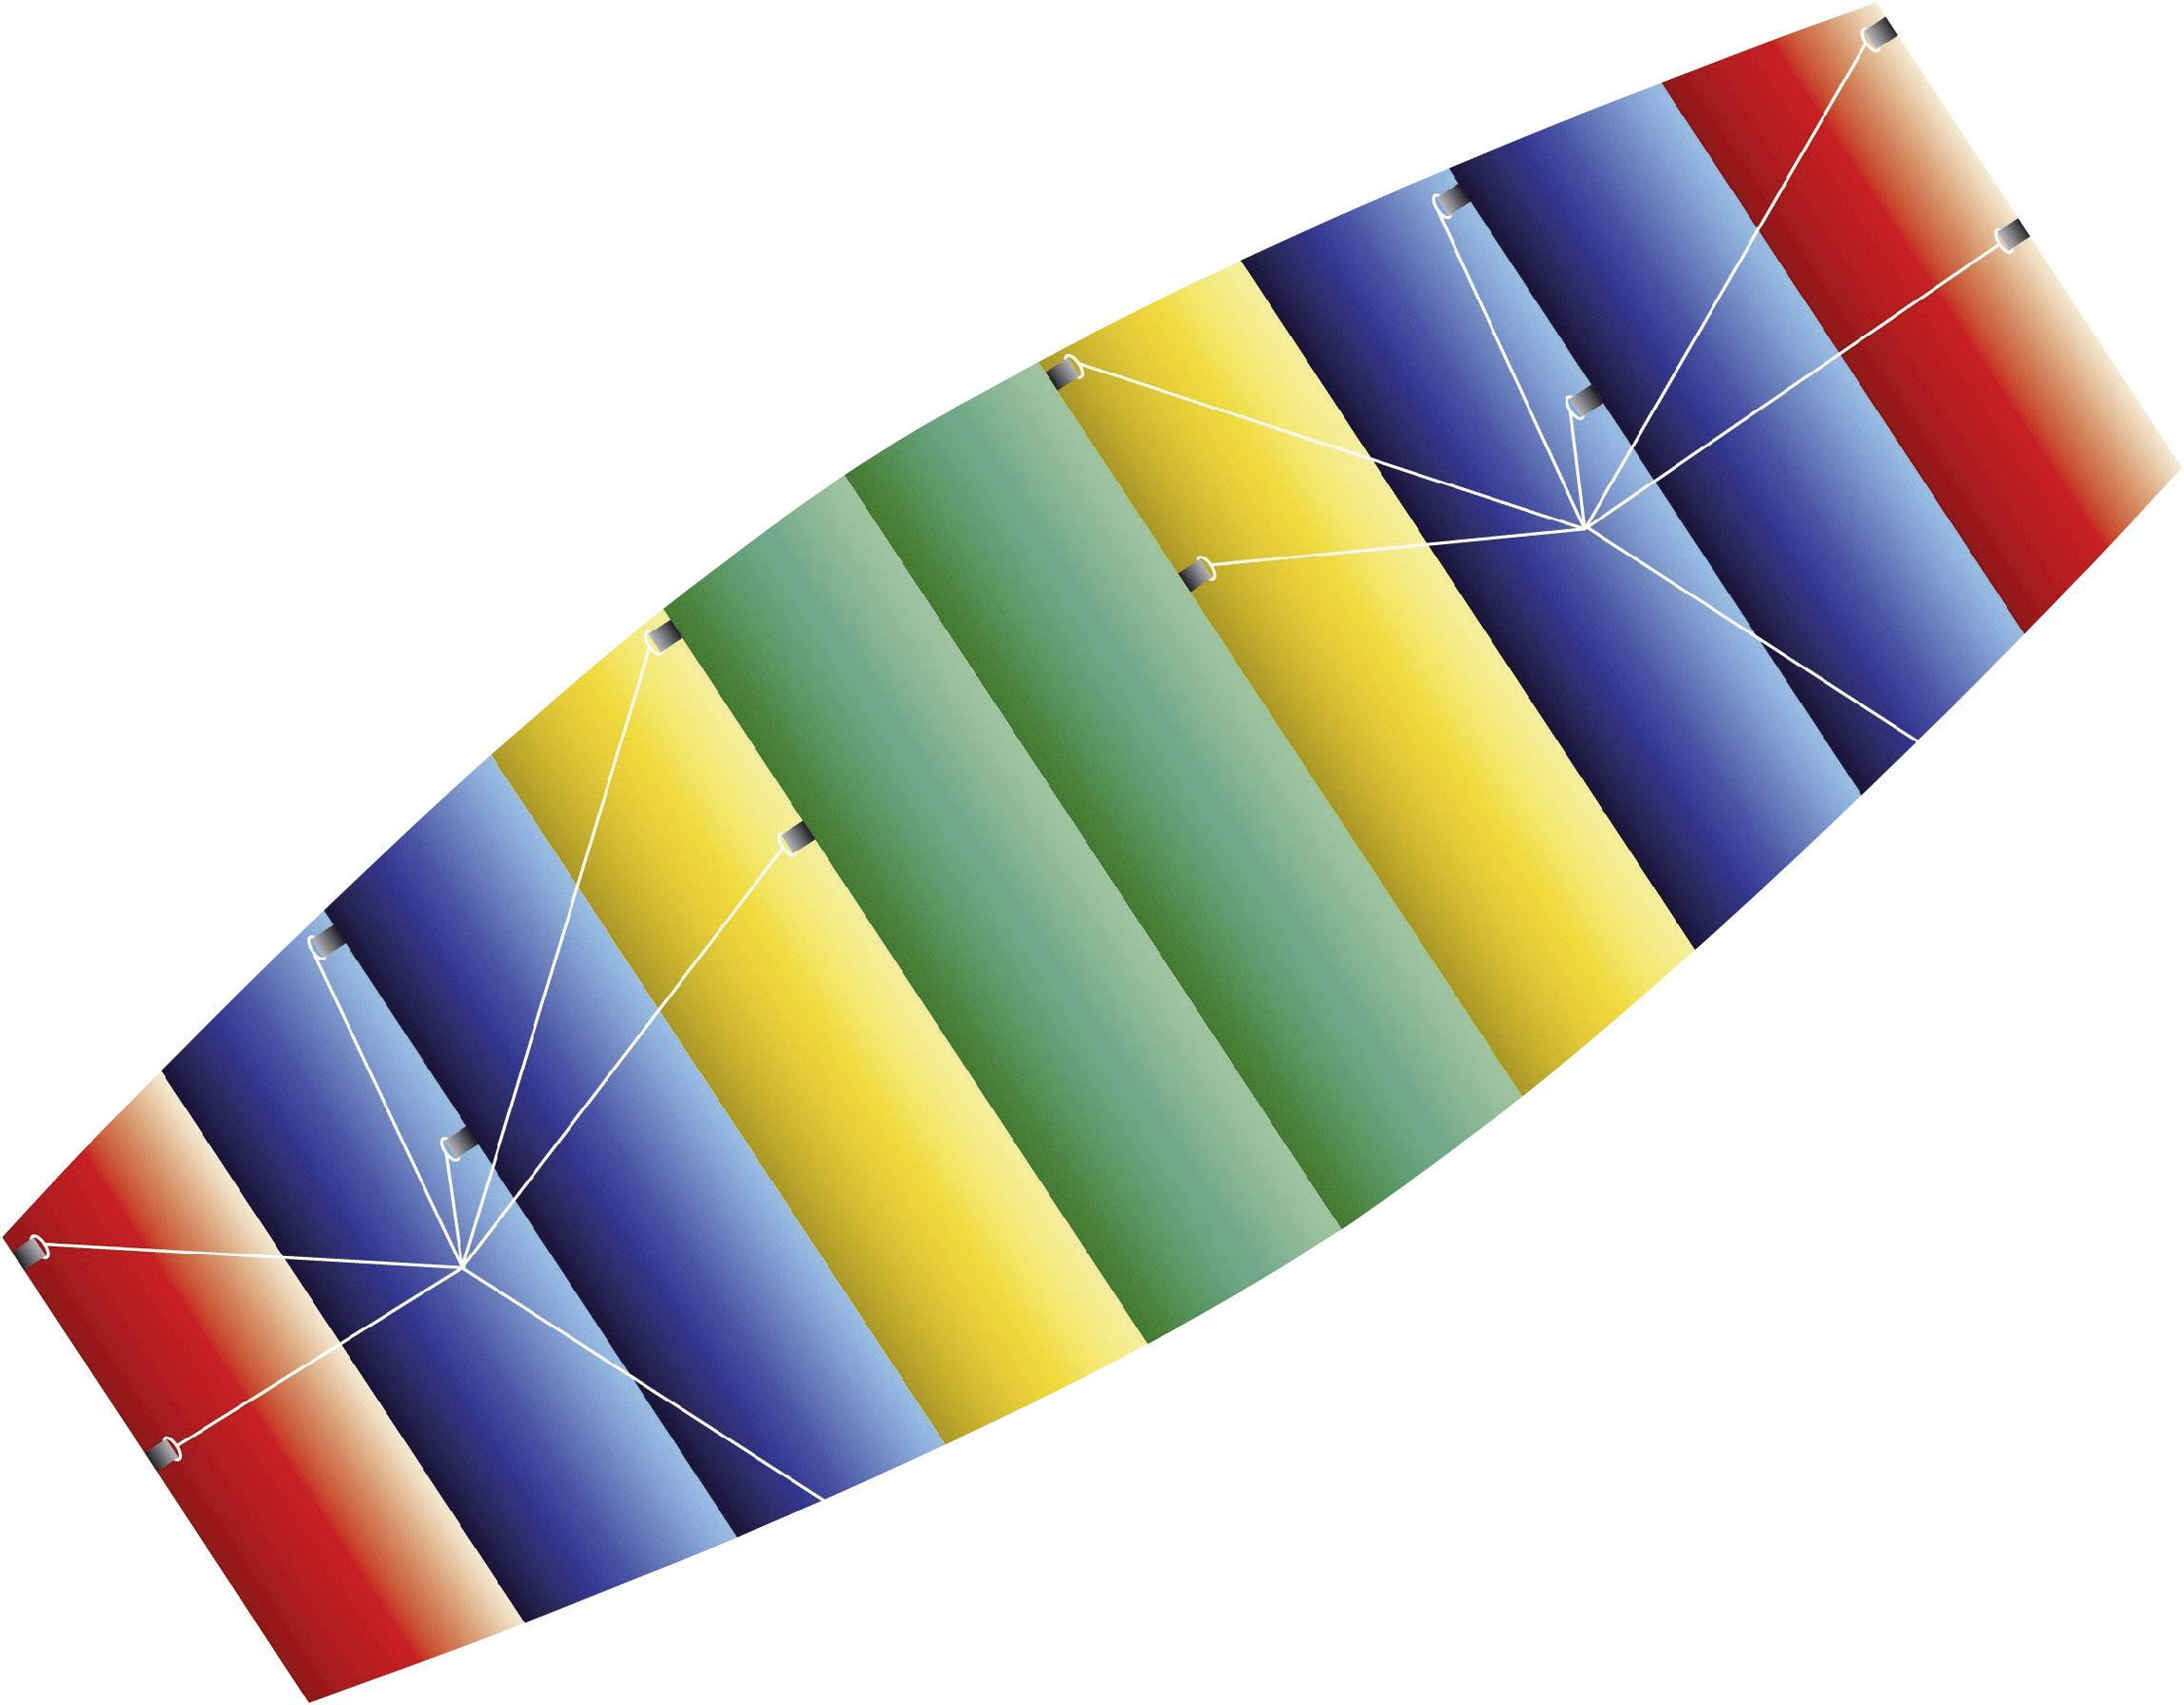 Ťažný šarkan štvoršnúrový Günther Flugspiele Raver 1095, rozpätie 1000 mm